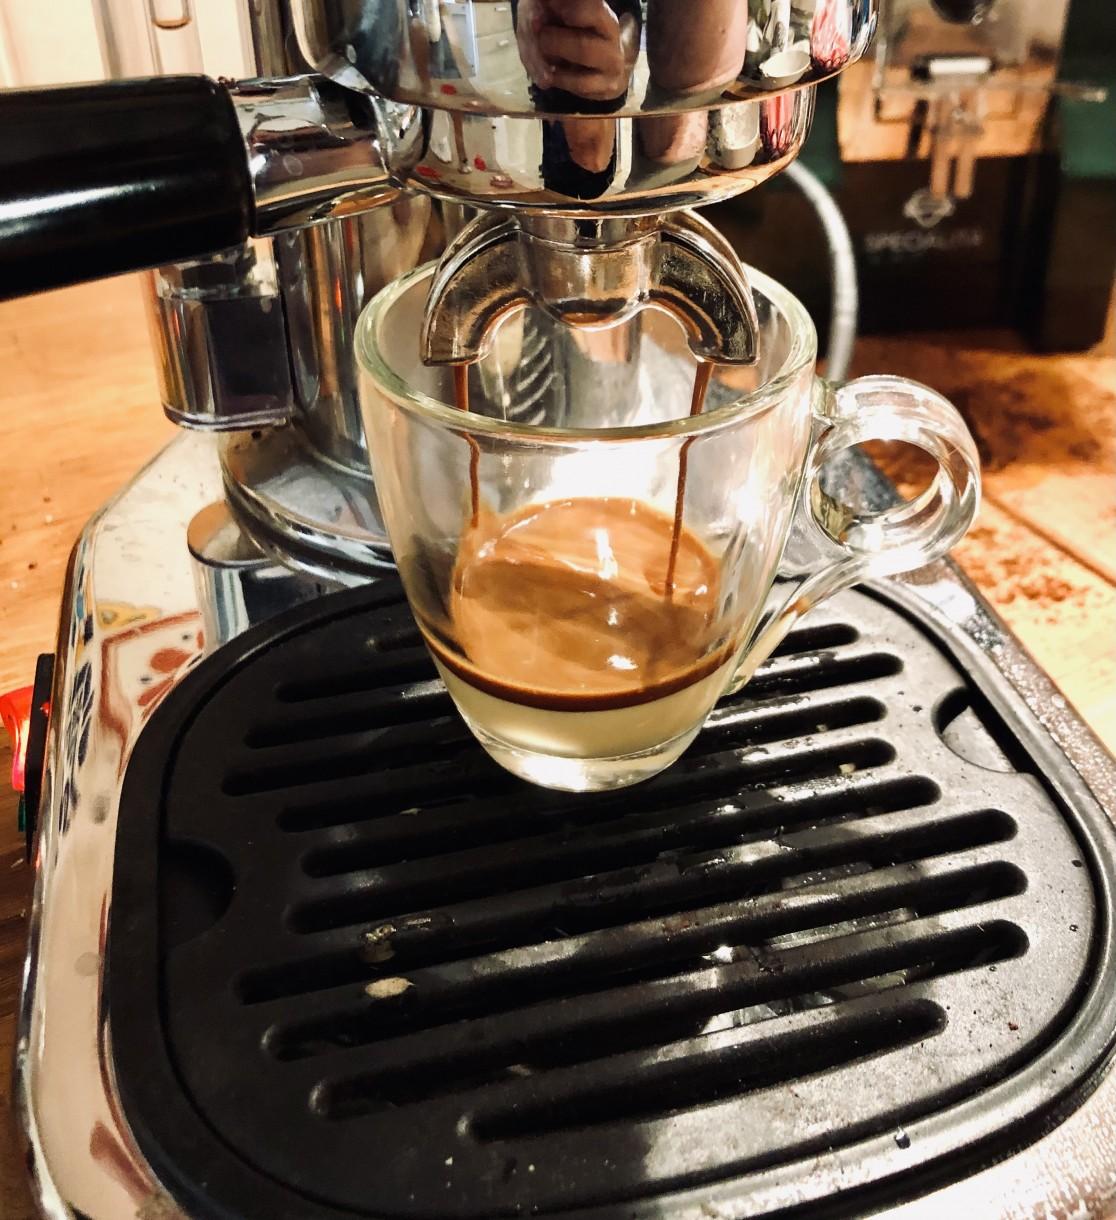 Filiżanka zmlekiem skondensowanym – szykujemy hiszpańska kawę bombón we włoskiej maszynie La Pavoni